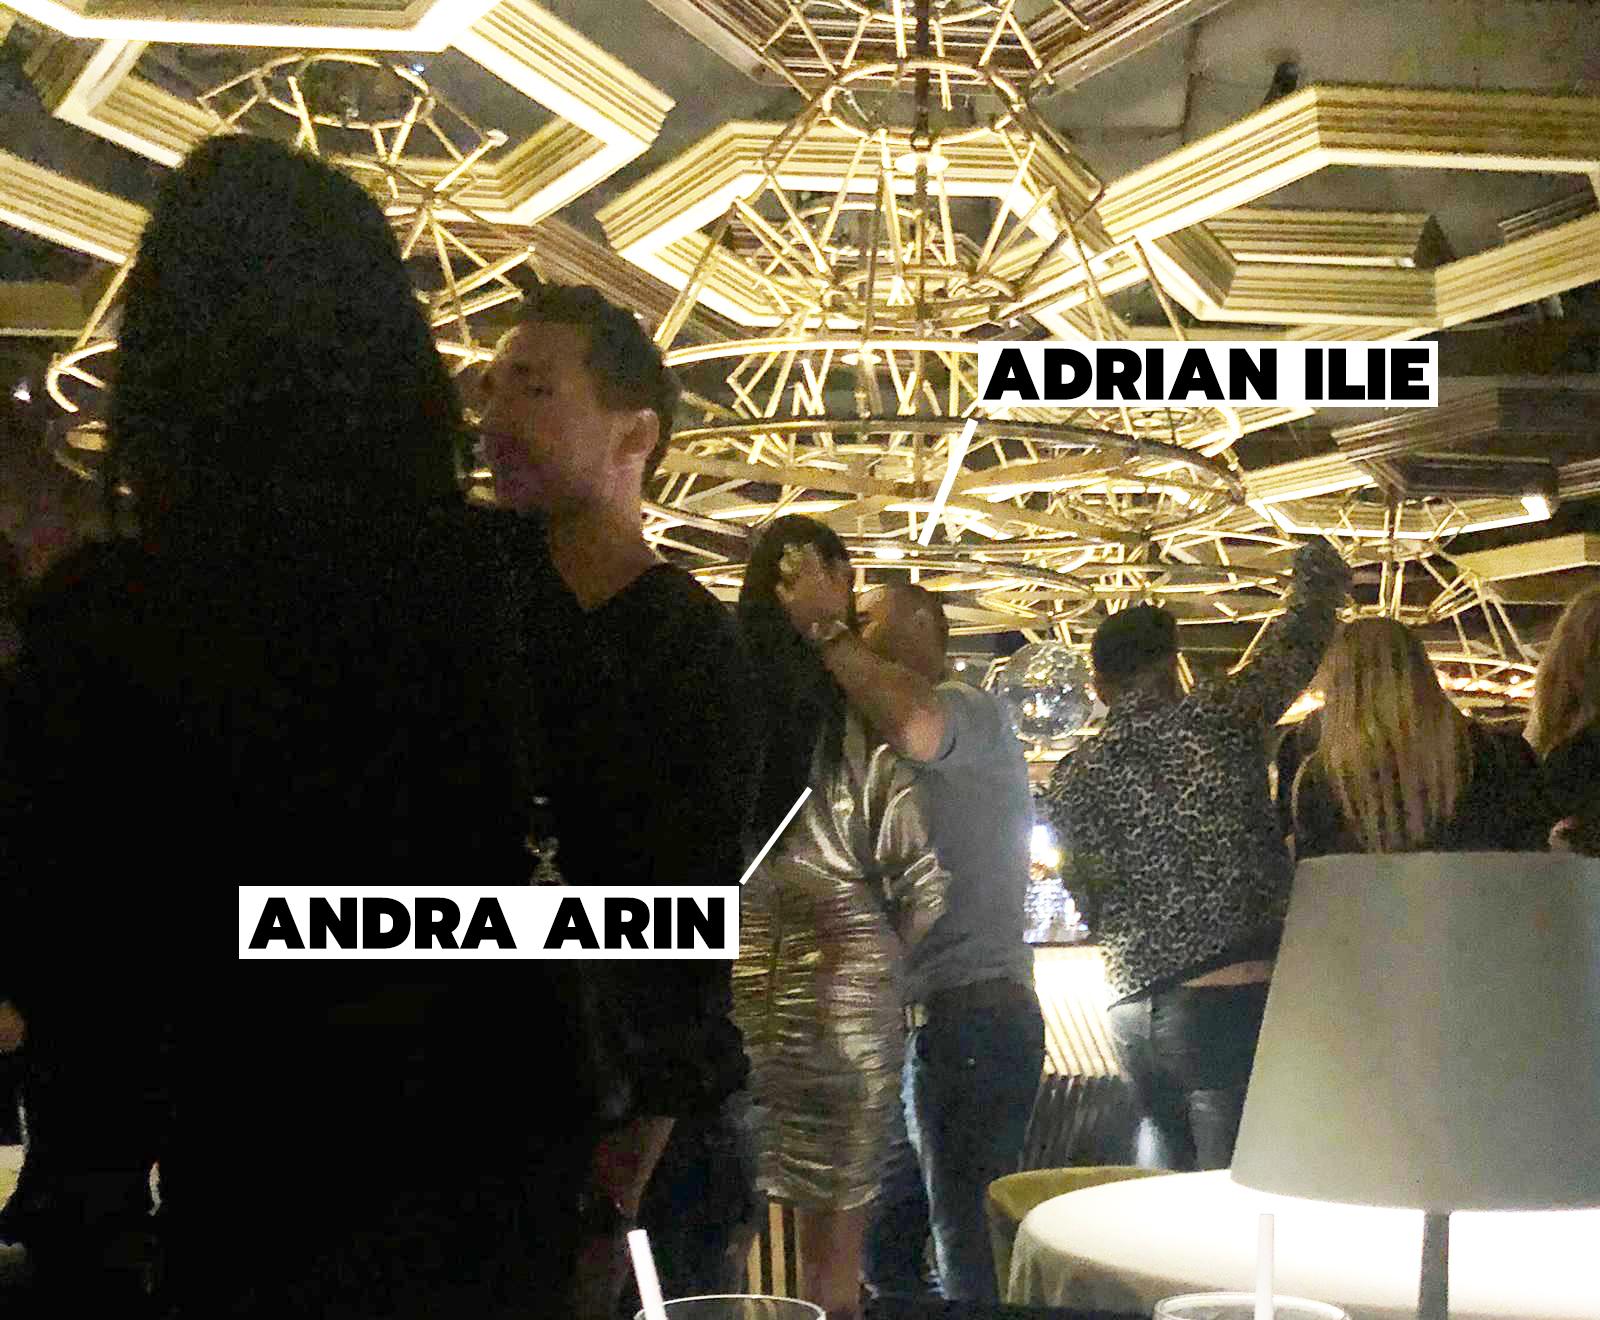 Adrian Ilie o sărută pe Andra Arin pe ringul de dans